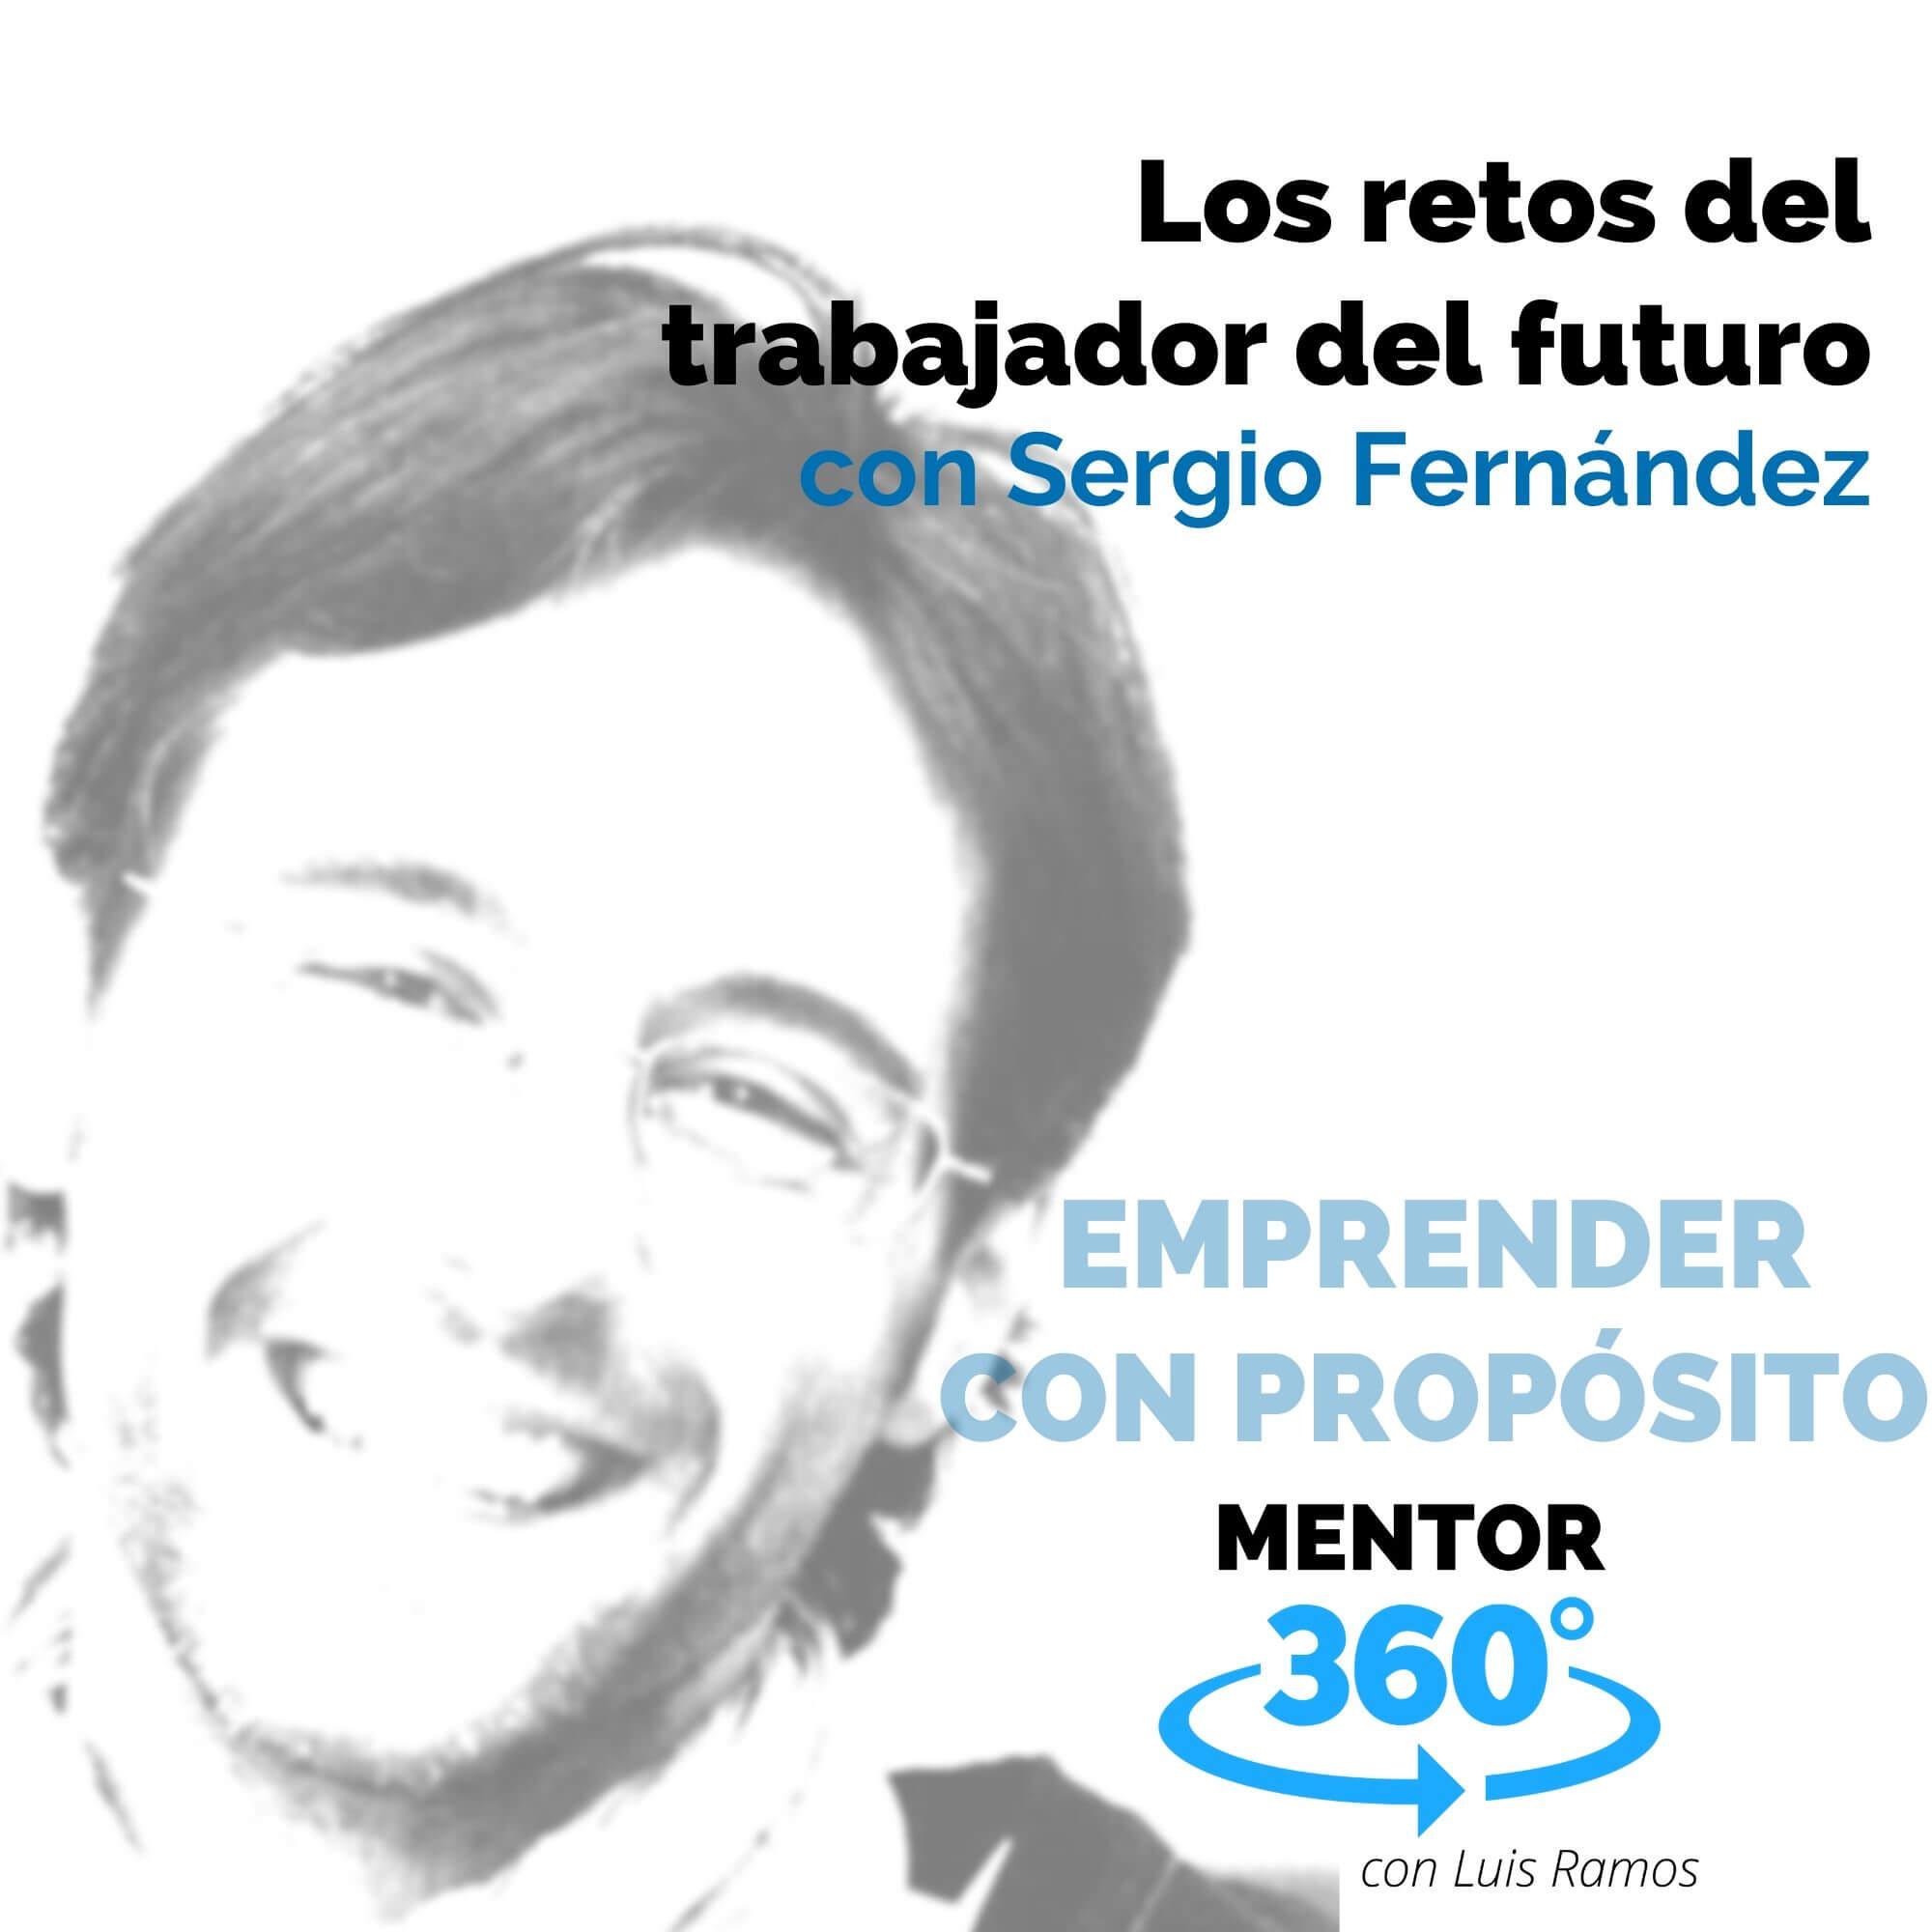 Los retos del trabajador del futuro, con Sergio Fernández - EMPRENDER CON PROPÓSITO